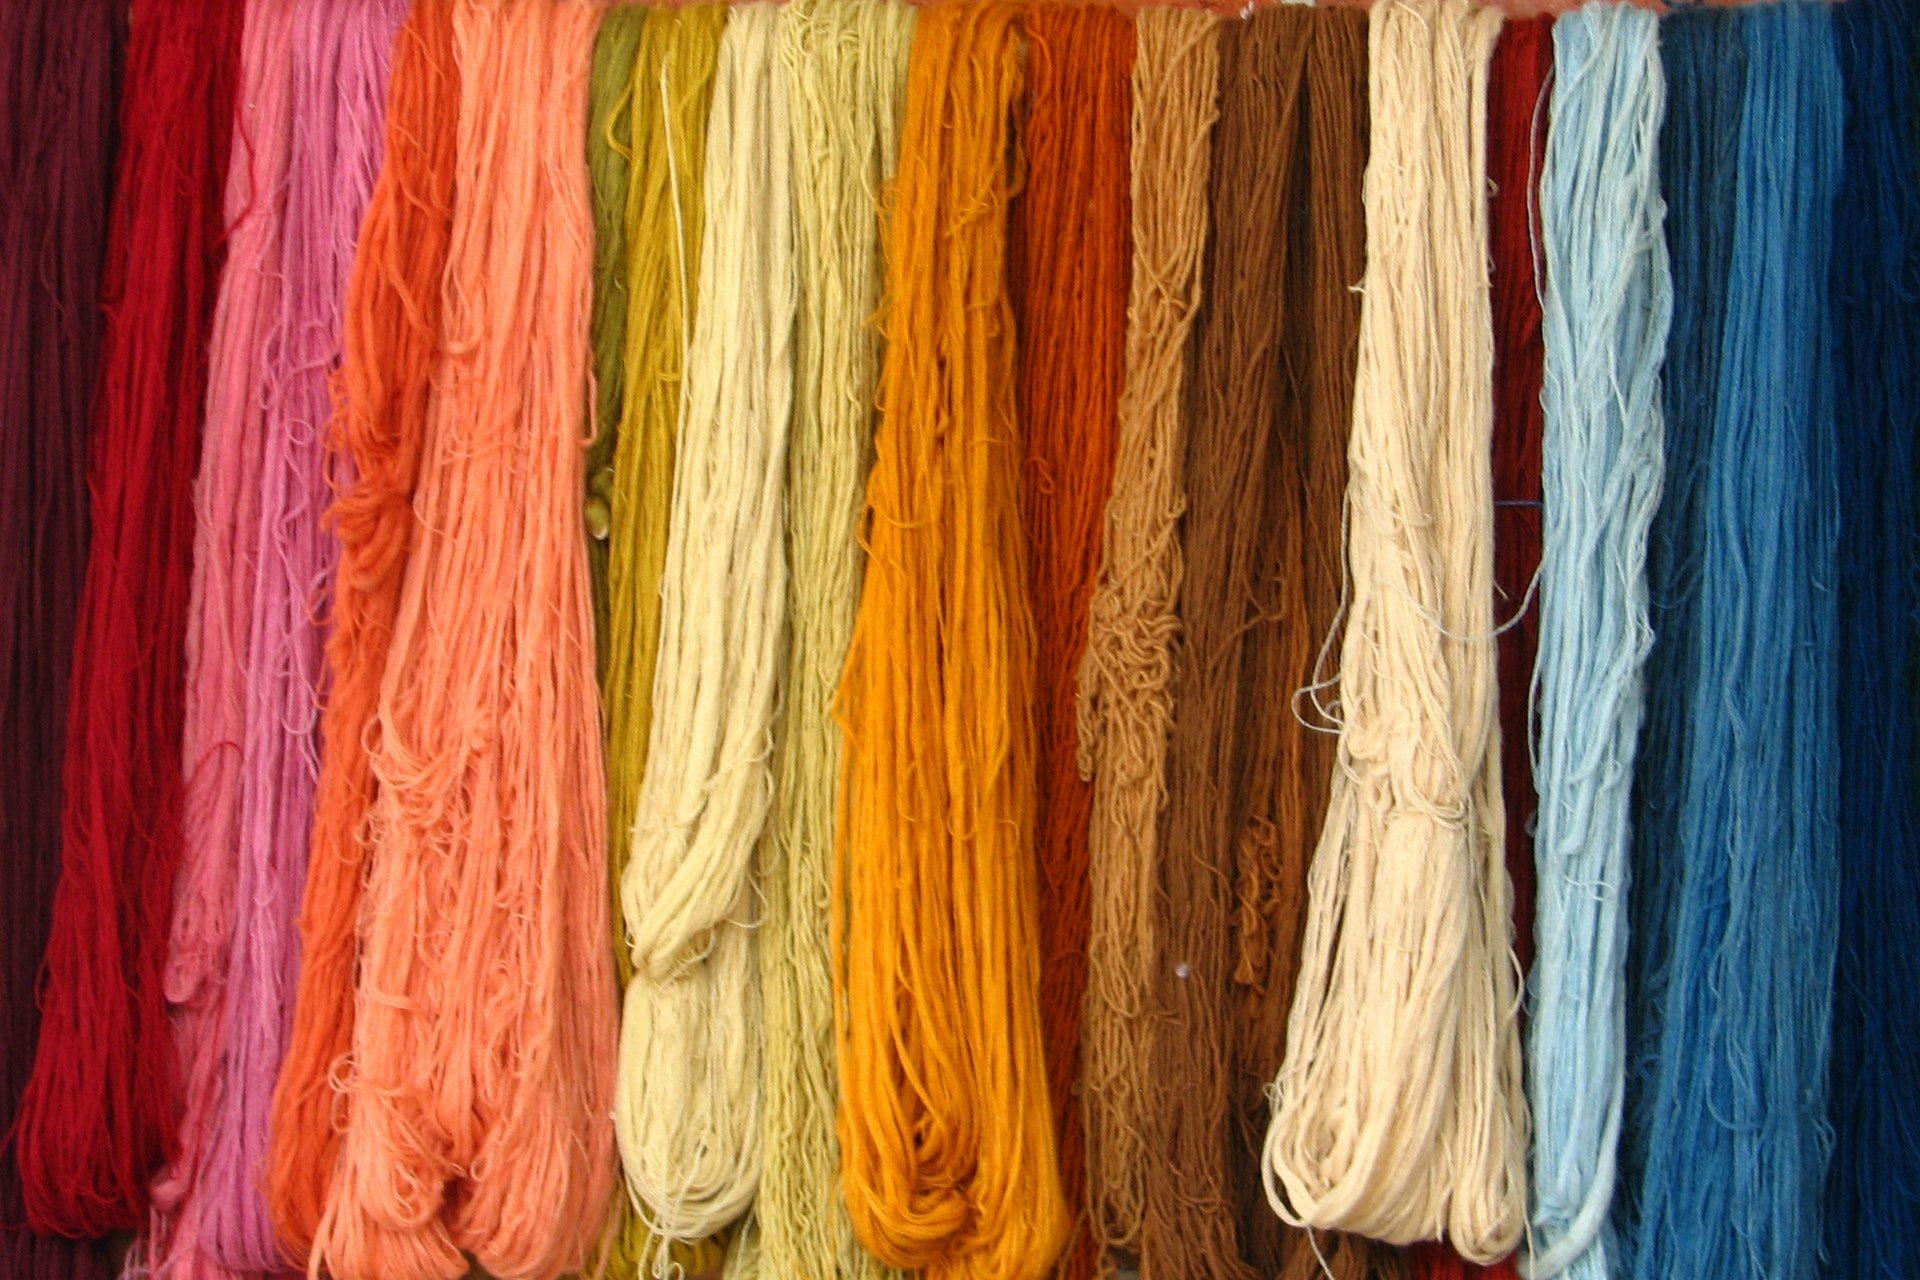 multi-colored-laces-1571577